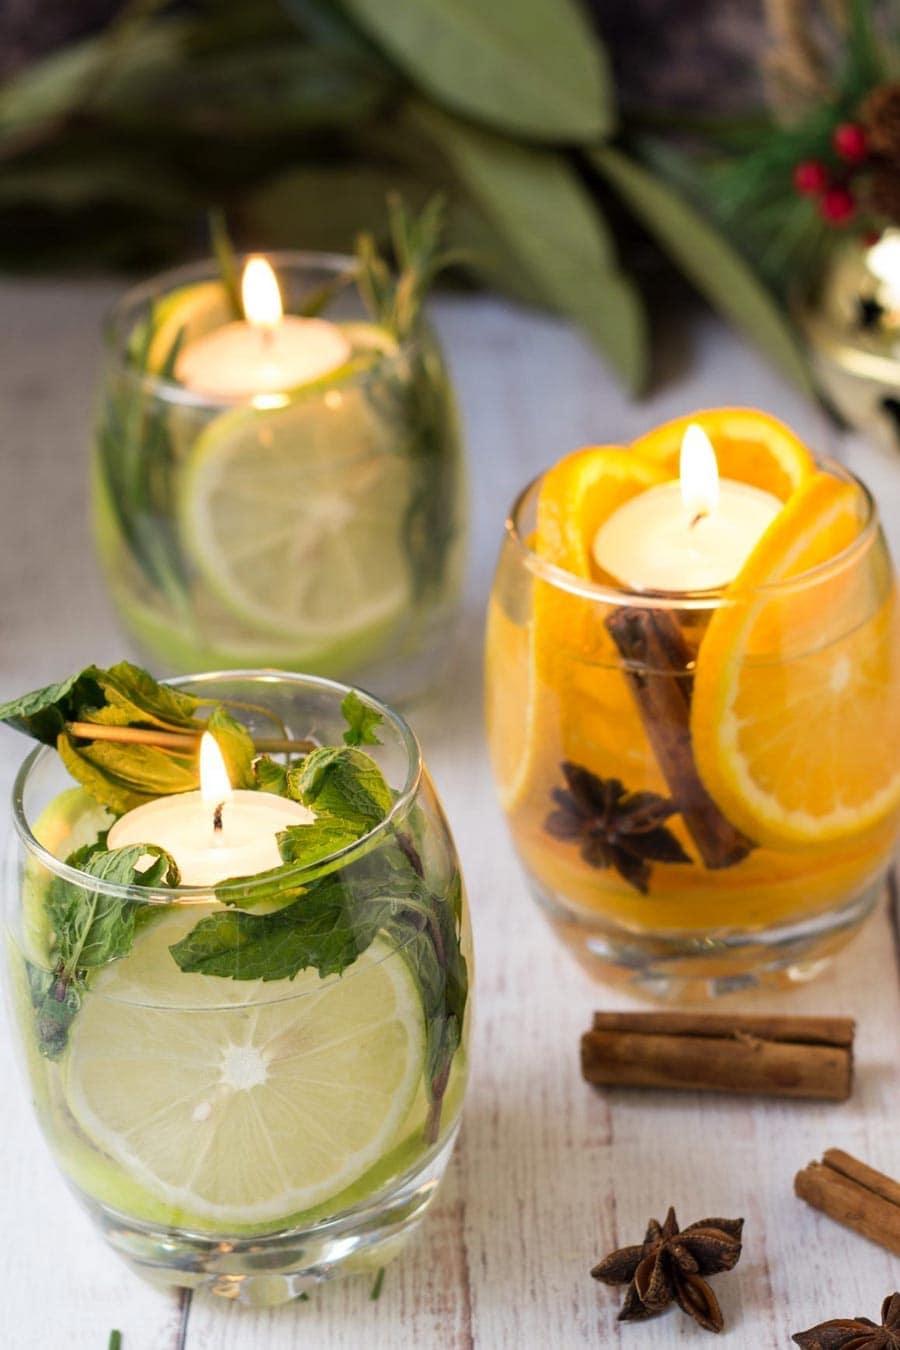 آموزش تزیین لیوان با شمع